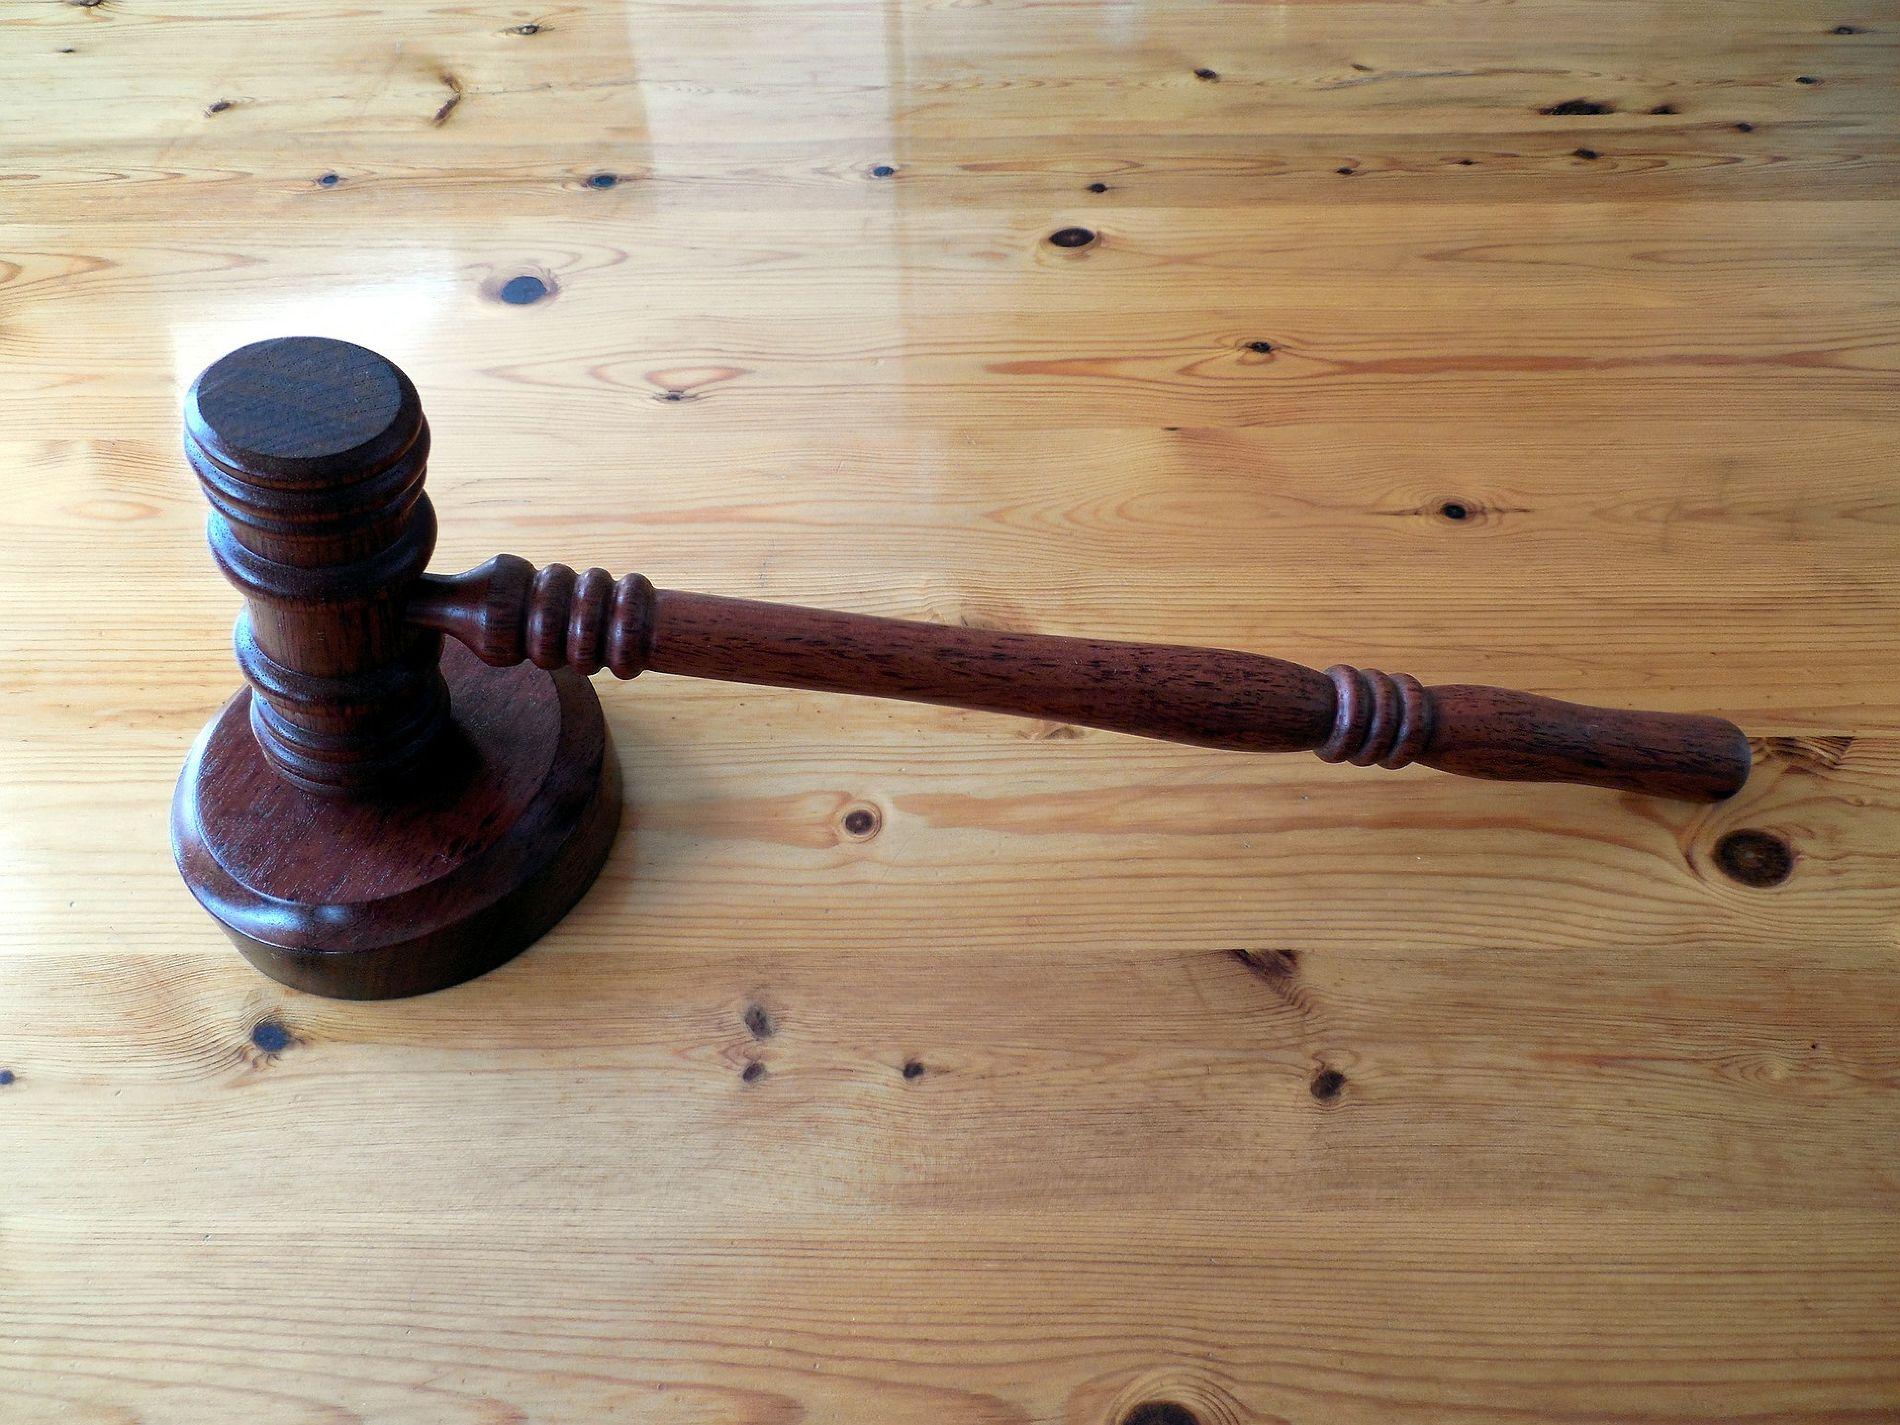 ВРостове осудили четверых педофилов, которые 8 лет насиловали школьника